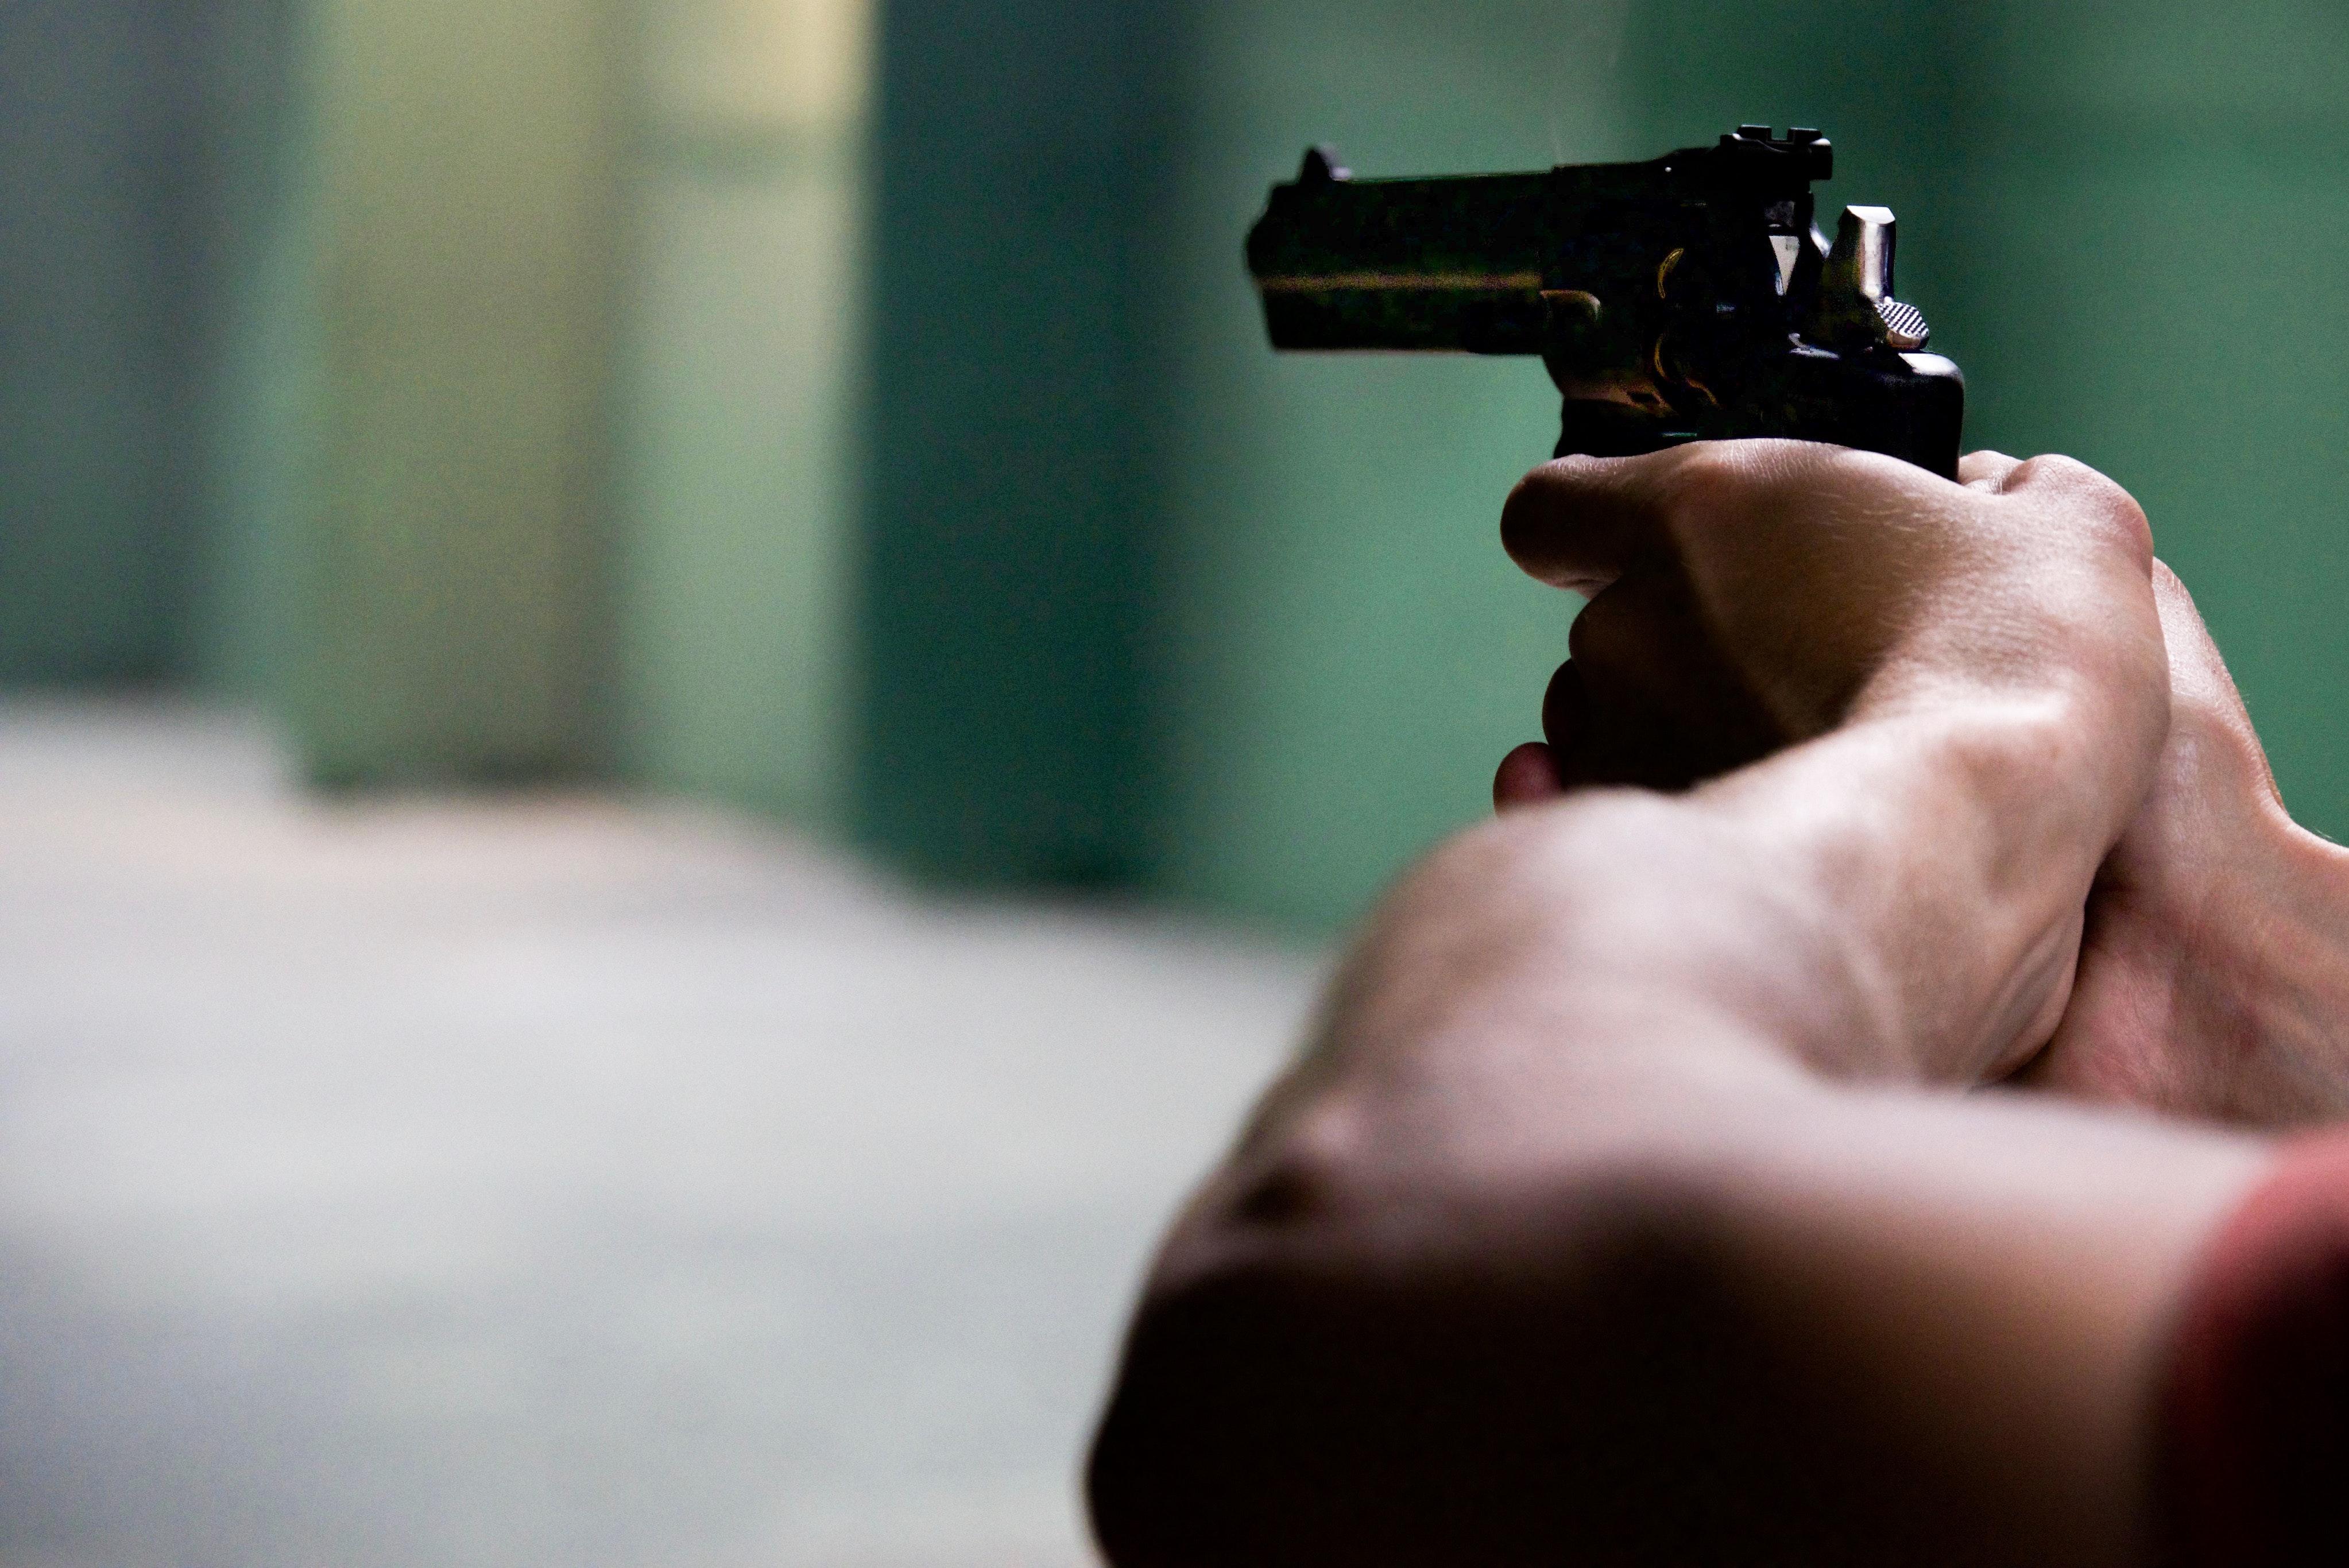 Impliciet meten voor wapenvergunningen